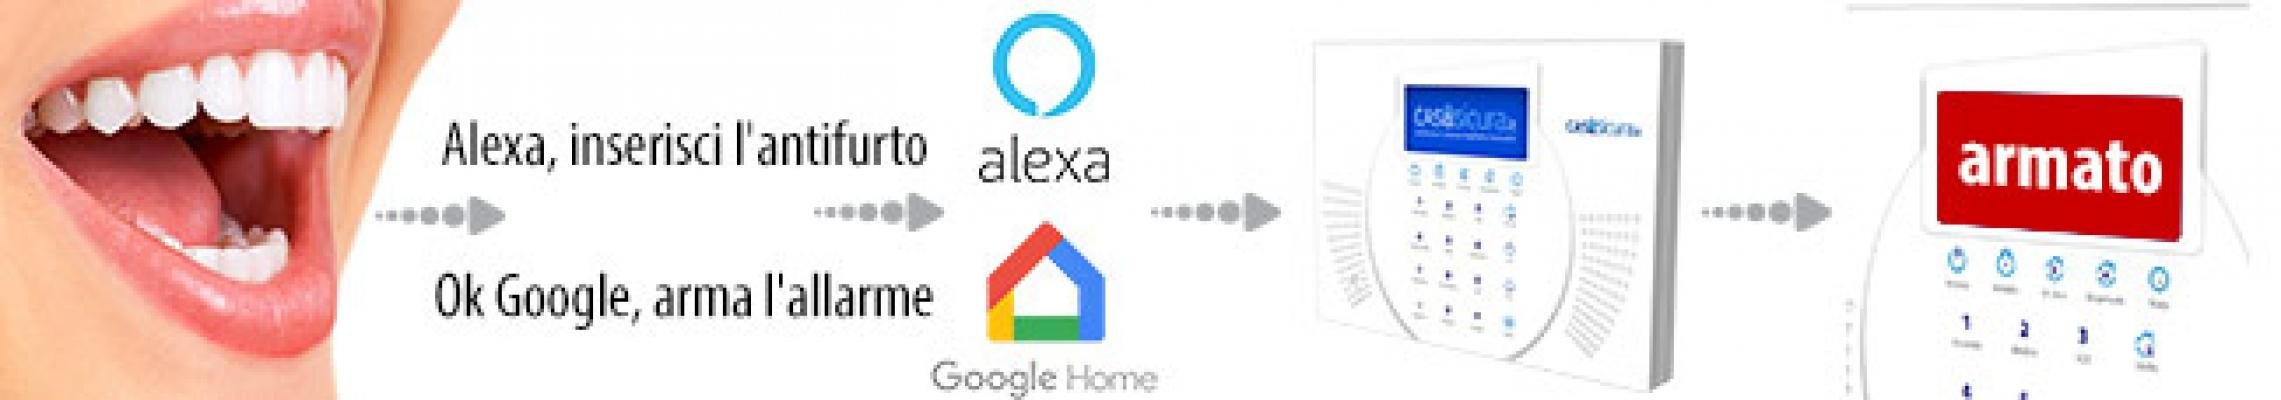 SIQuRA Wifi controllo vocale con il dispositivo Alexa e Google Home